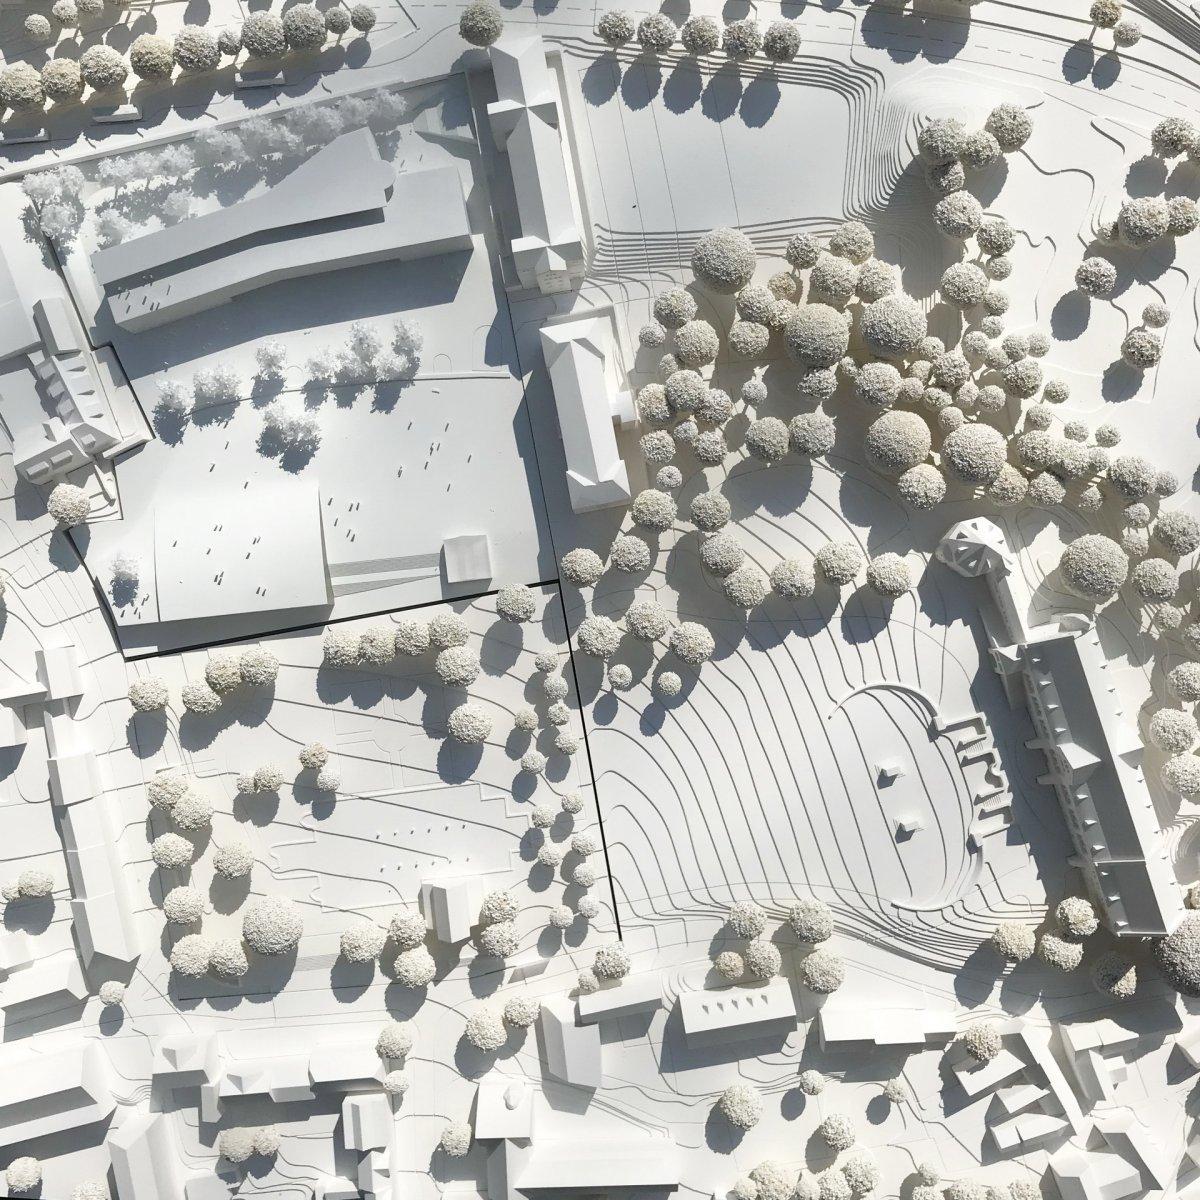 Lederer Ragnarsdottir Oei, Stuttgart mit Helmut Hornstein, Freier Landschaftsarchitekt, Überlingen/ Bodensee